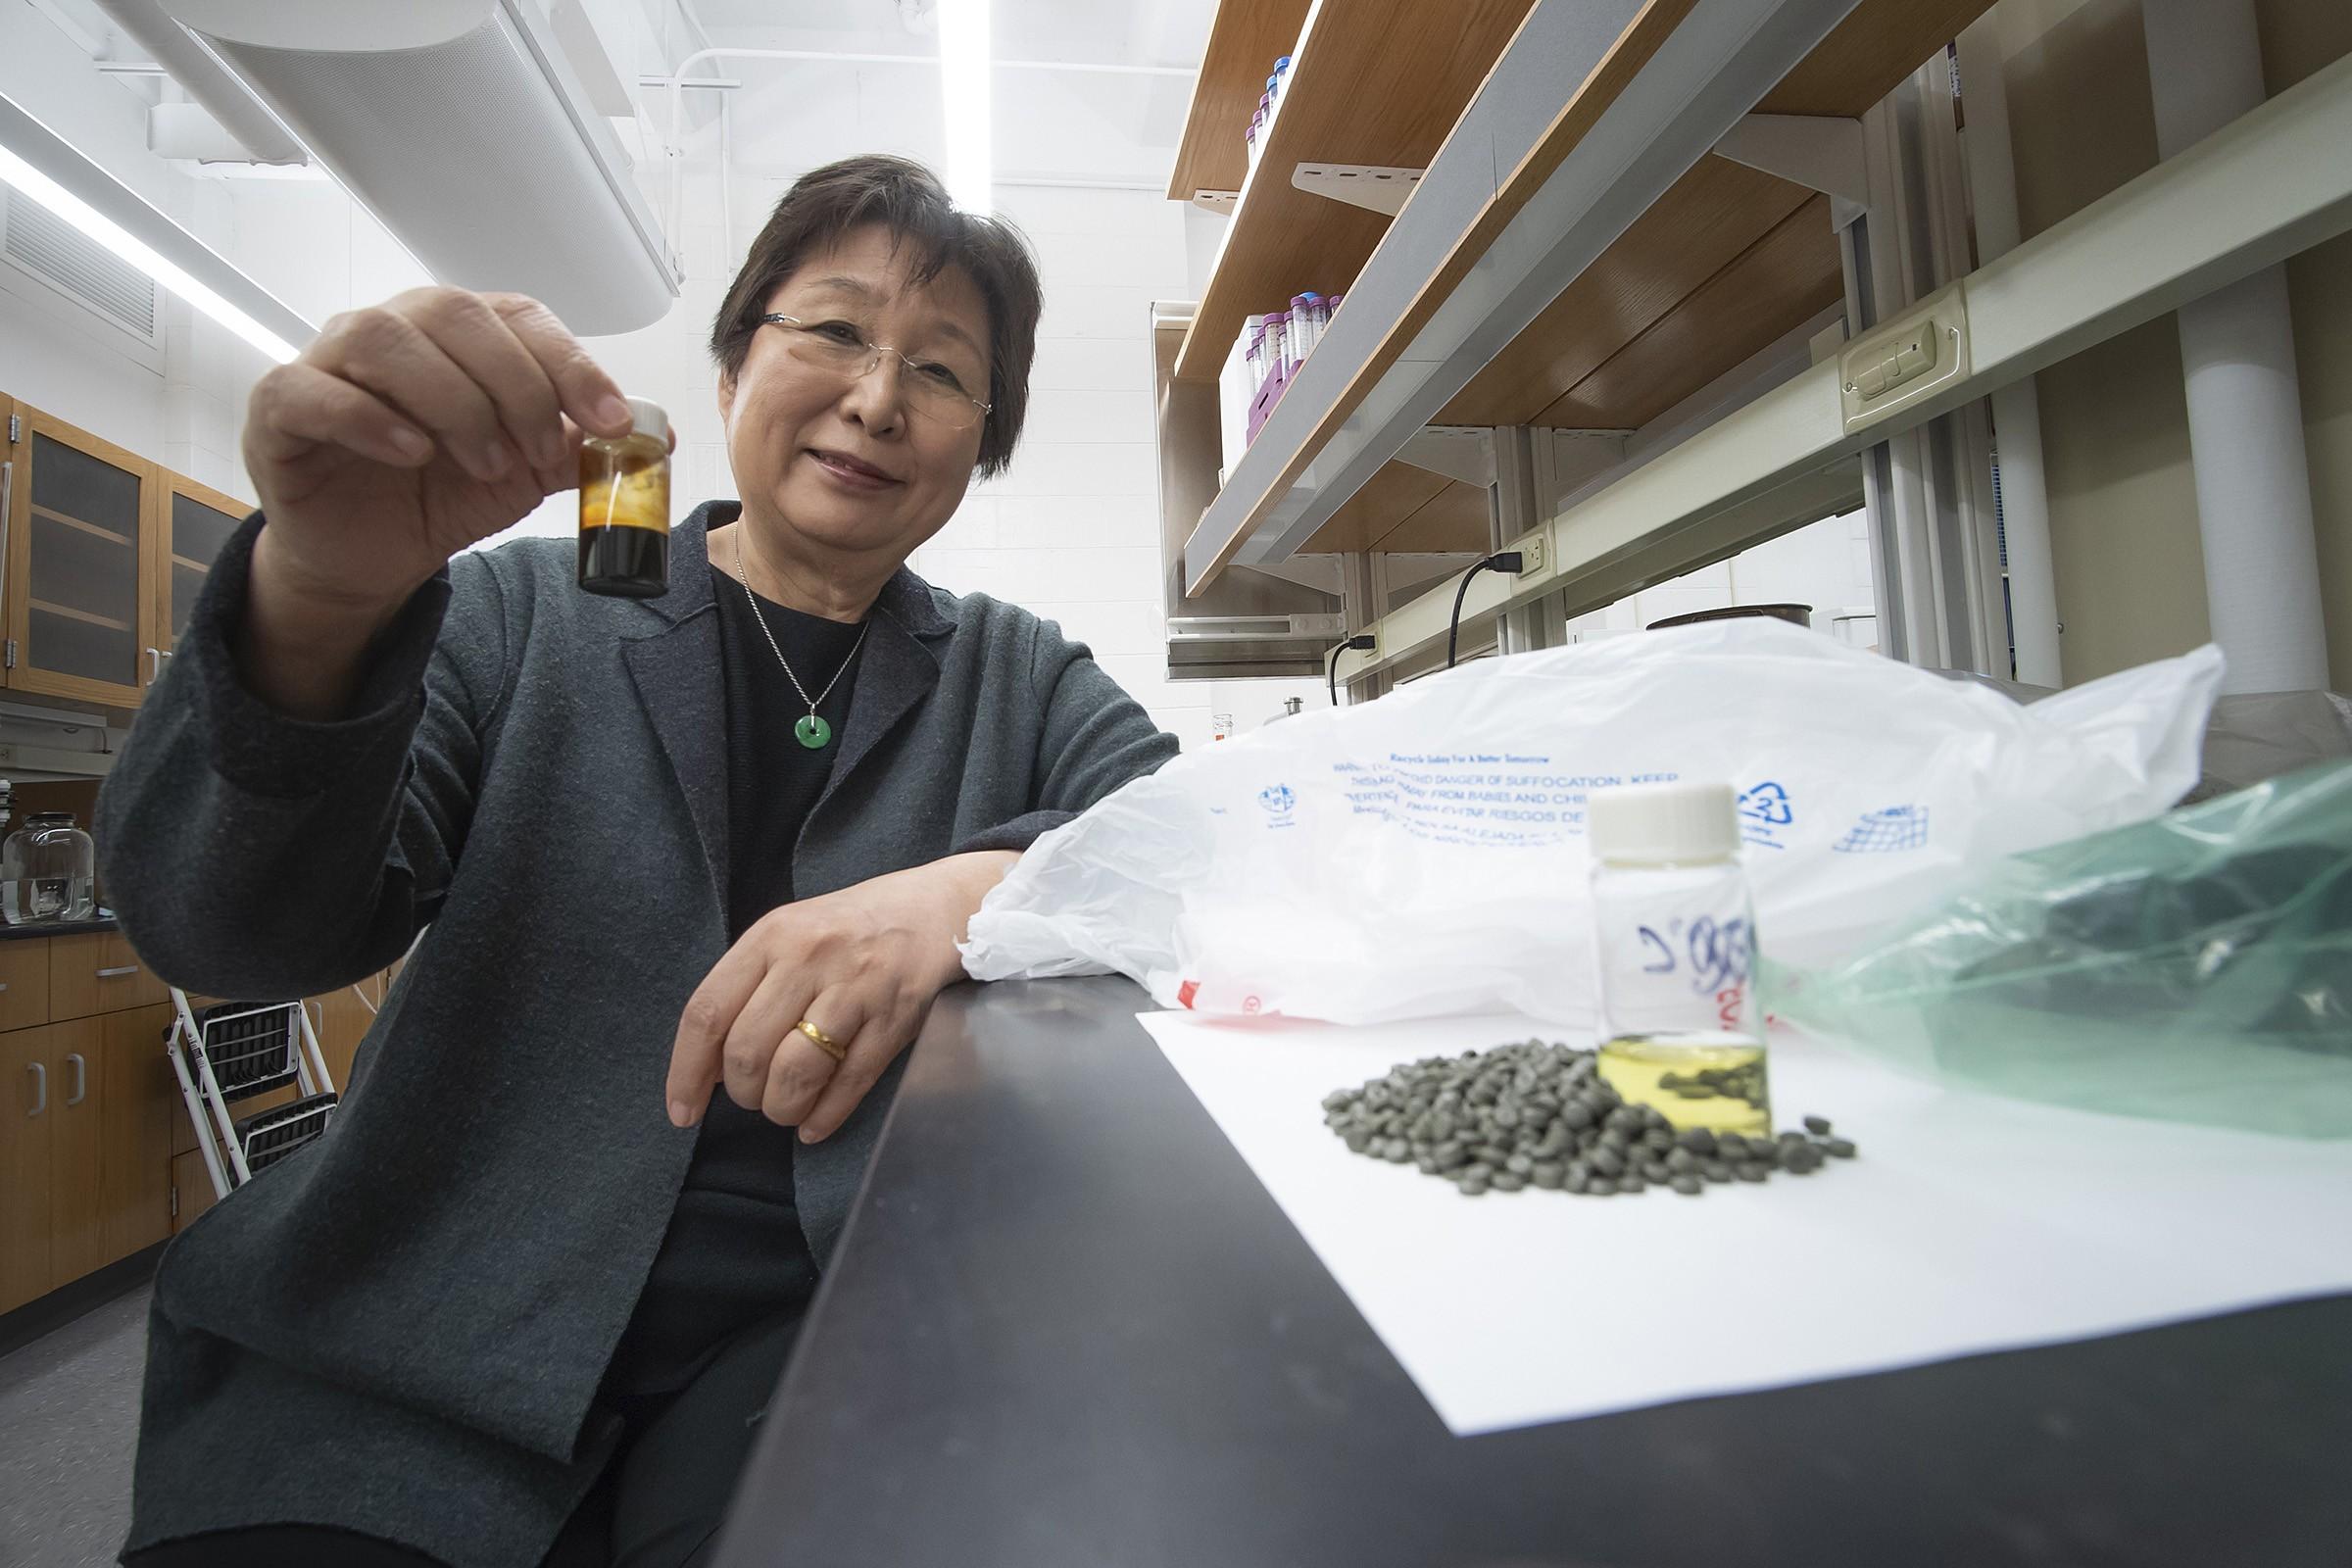 Engenheira química Linda Wang no laboratório em que transforma plástico em combustível.  (Foto: Purdue Research Foundation / Vincent Walter)